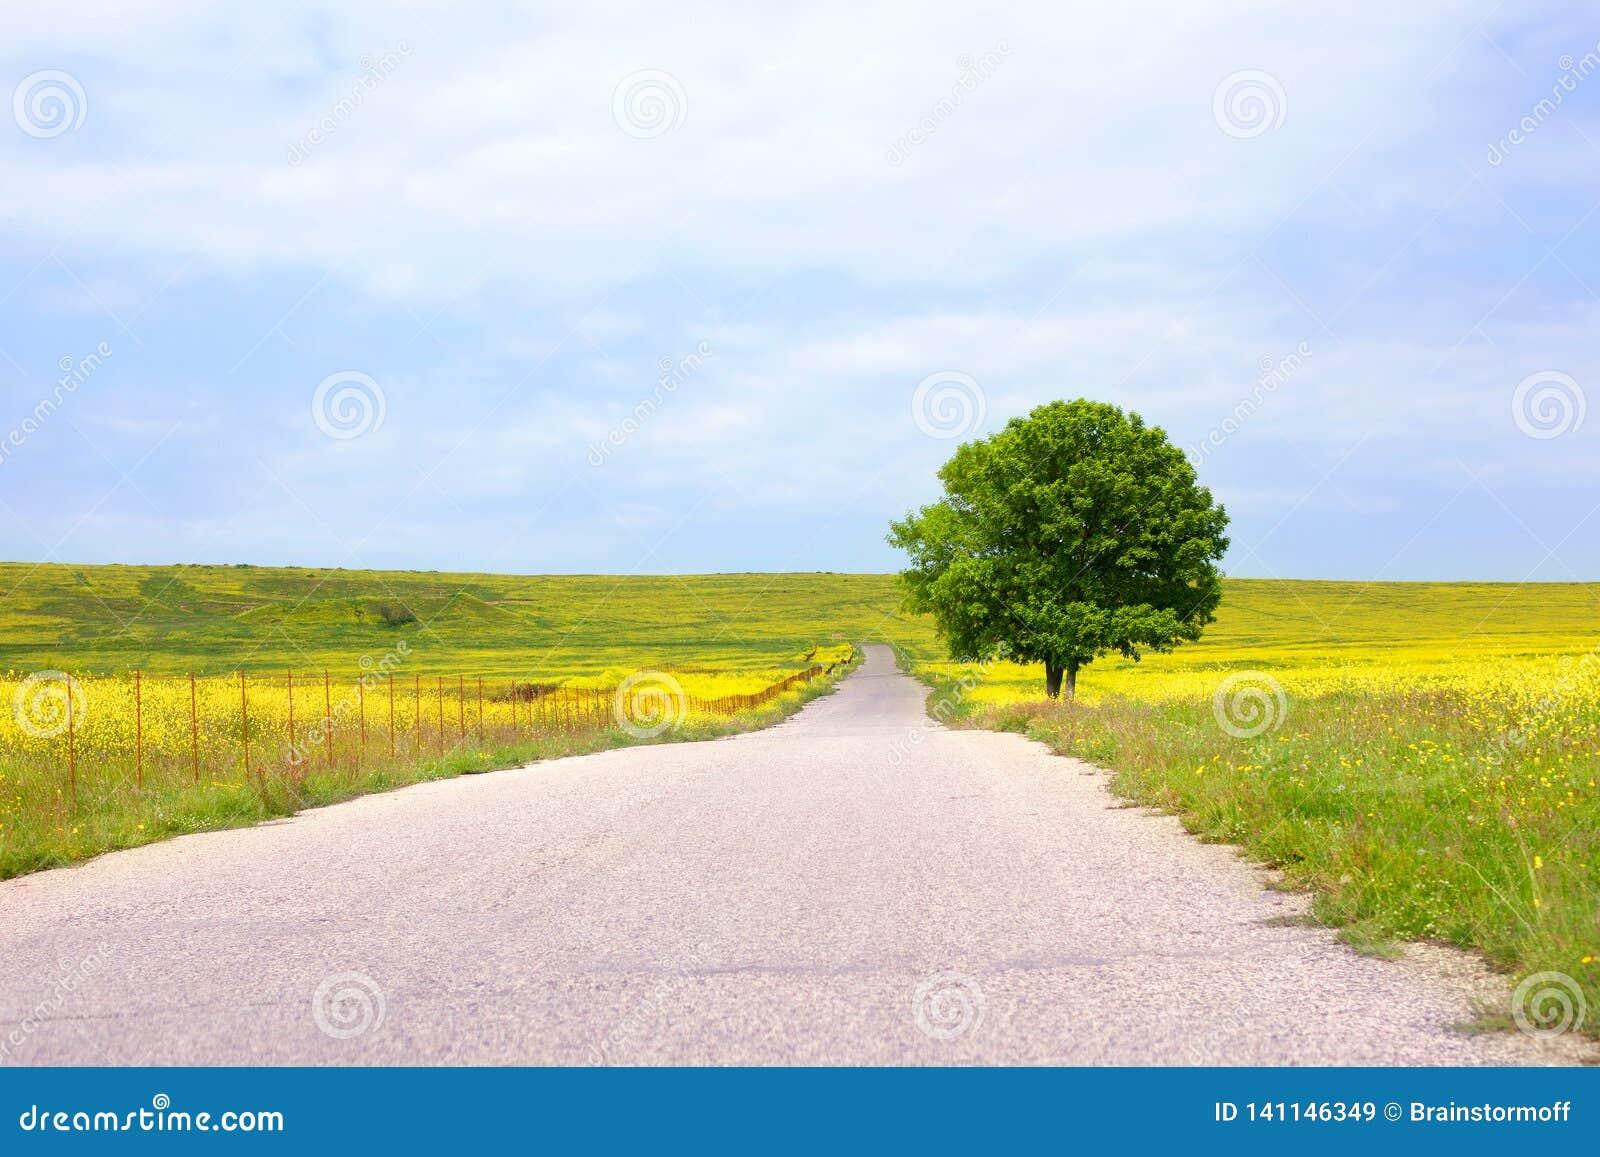 Lege landelijke weg onder groene gebieden met gele bloemen en een eenzame grote groene boom met een mooie ronde kroon